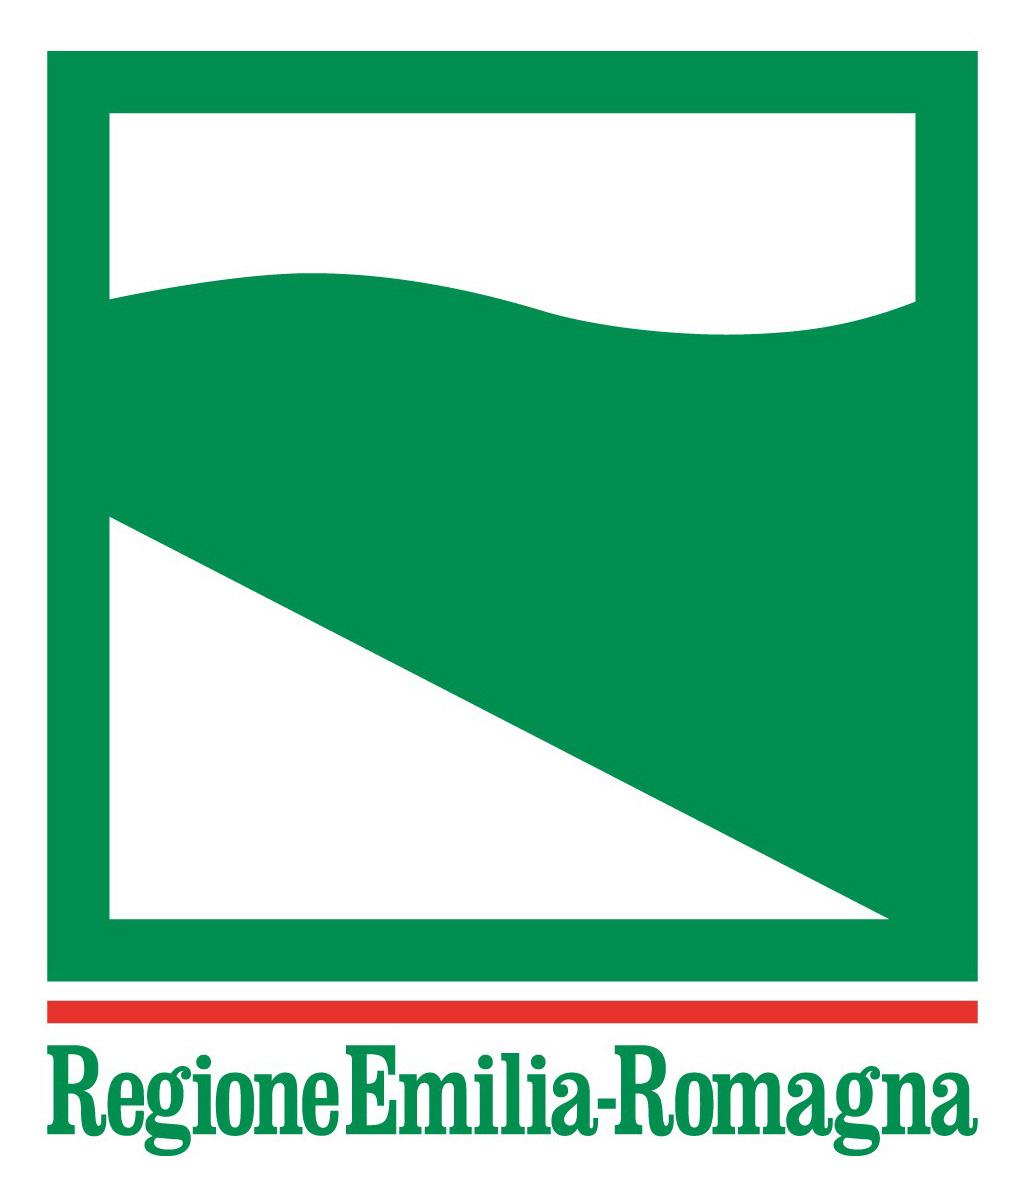 Risultati immagini per REGIONE EMILIA ROMAGNA STEMMA